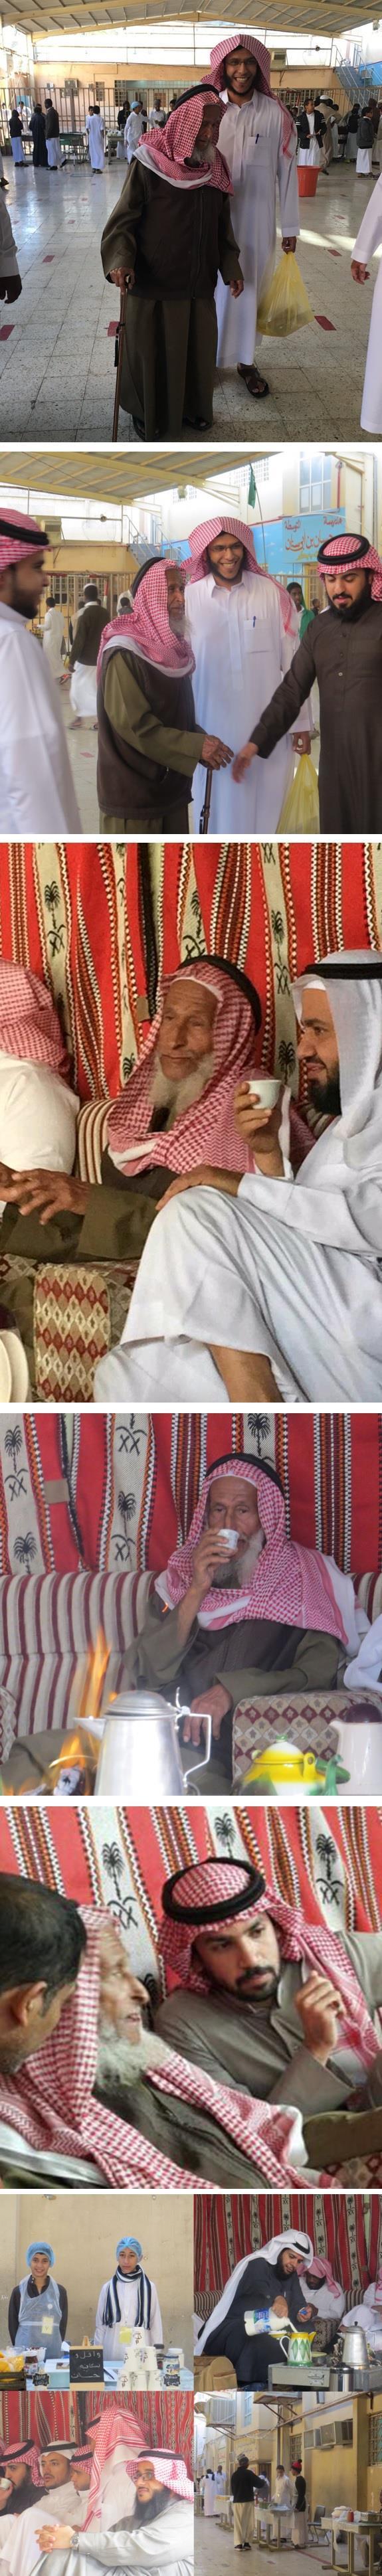 معلم يصطحب والده معه لحضور فعالية: